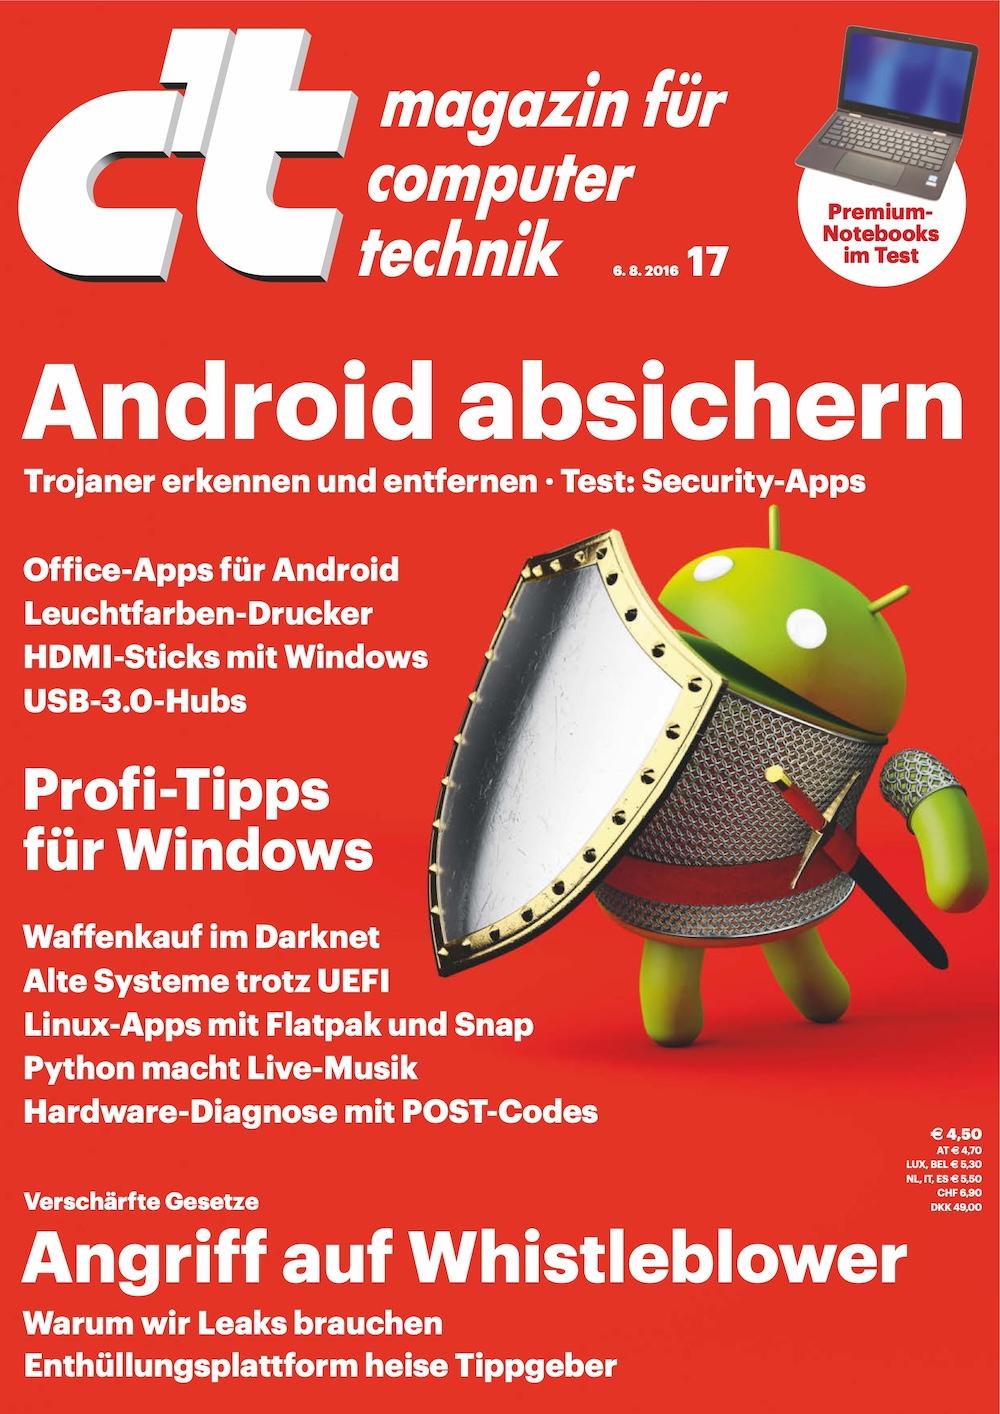 c't Magazin 2016-17